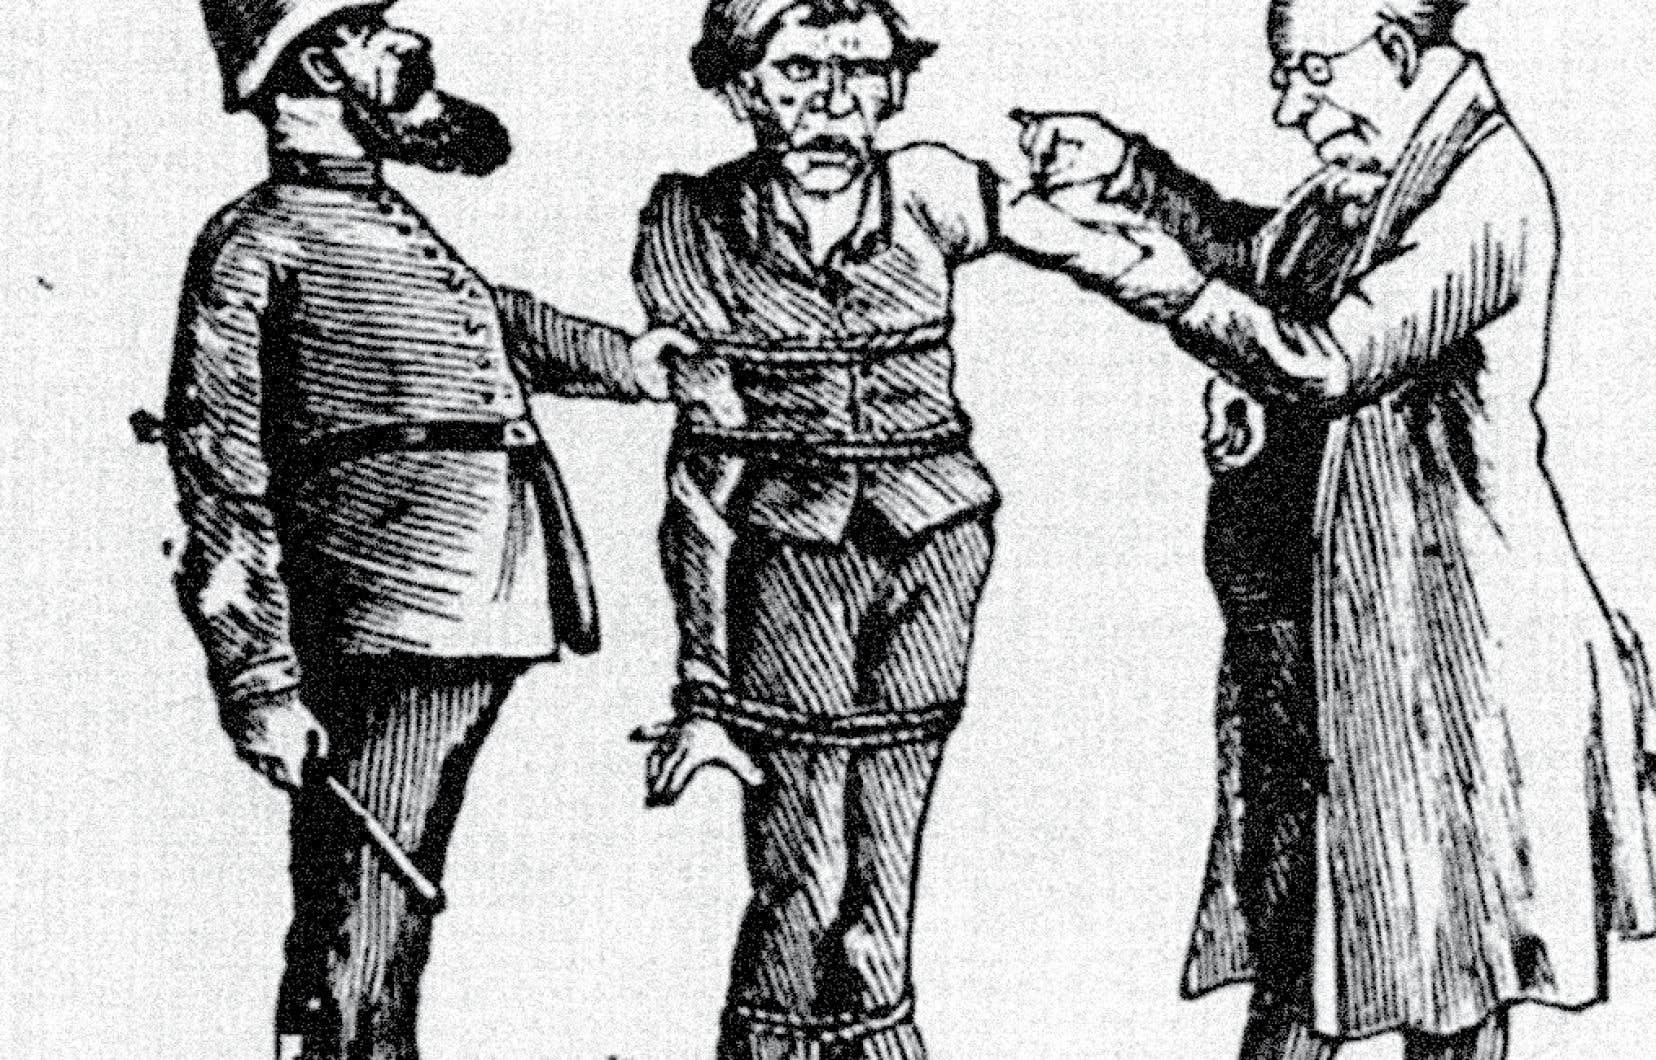 La résistance aux vaccins remonte à l'avènement du premier vaccin, soit l'antivariolique, comme le représente cette caricature d'époque